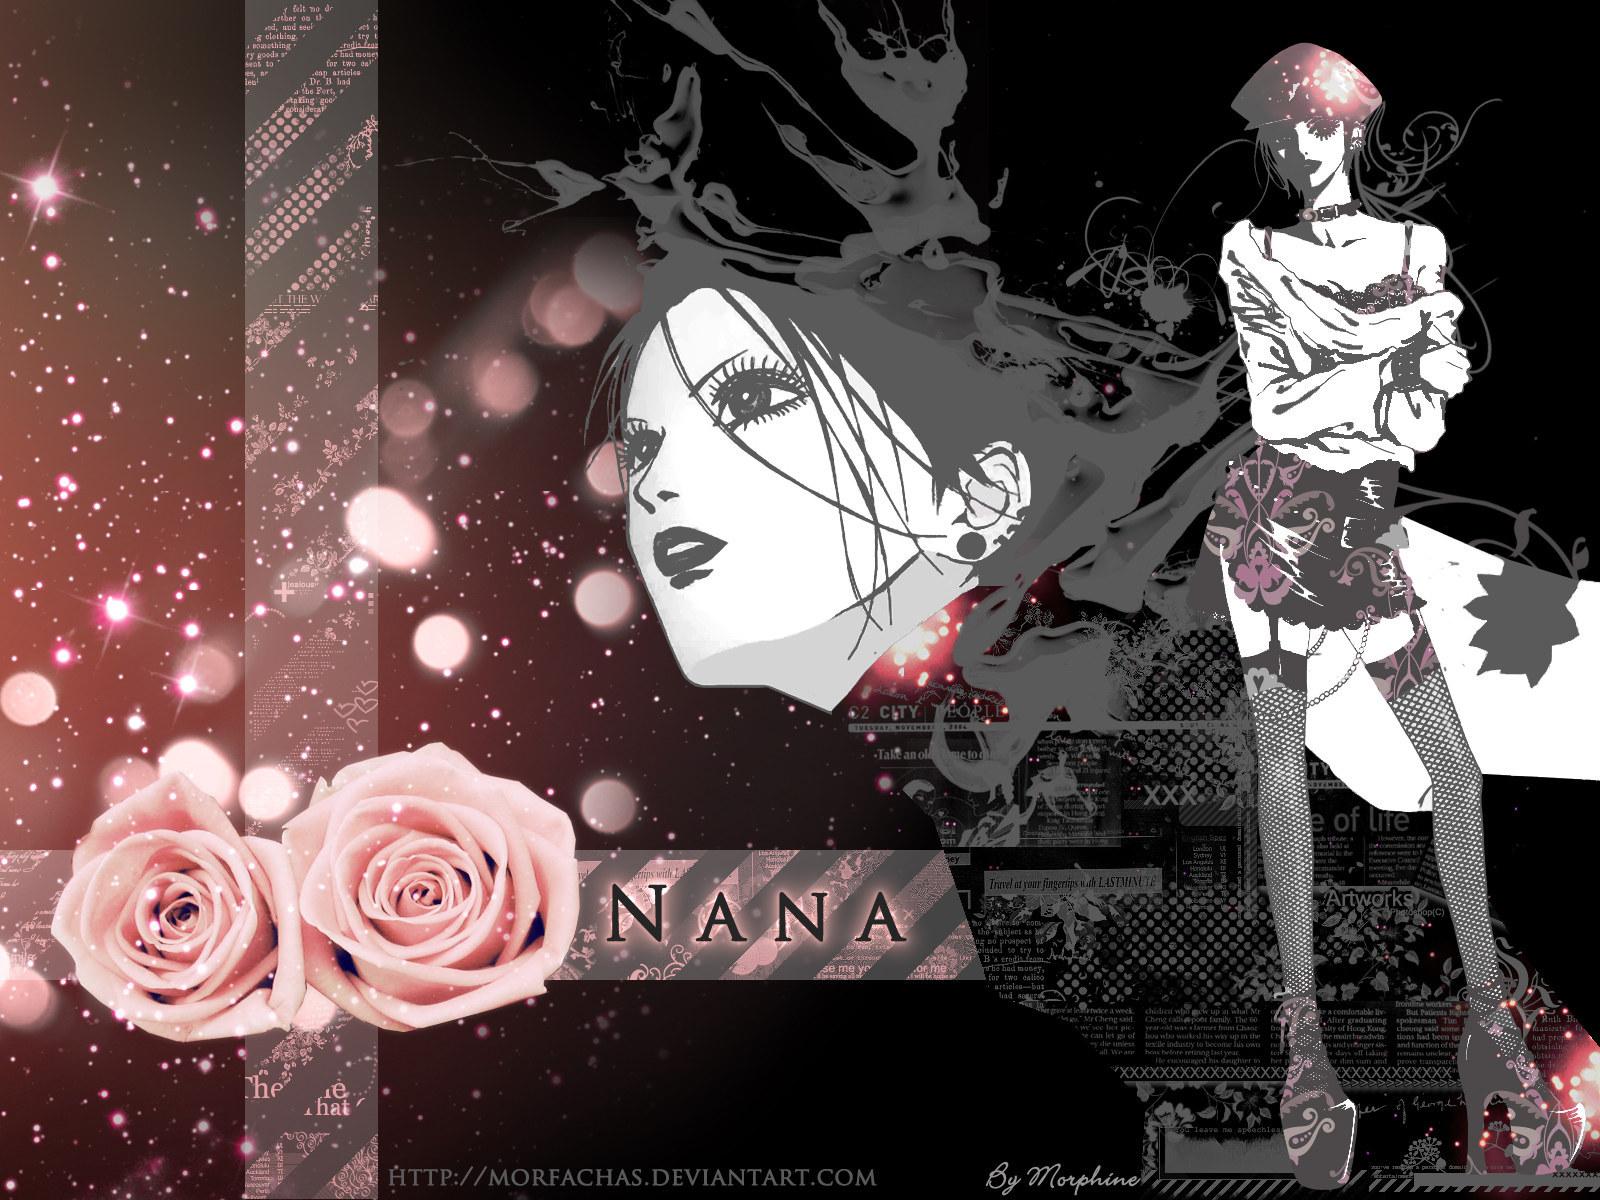 nana images nana wallpaper photos 25925763